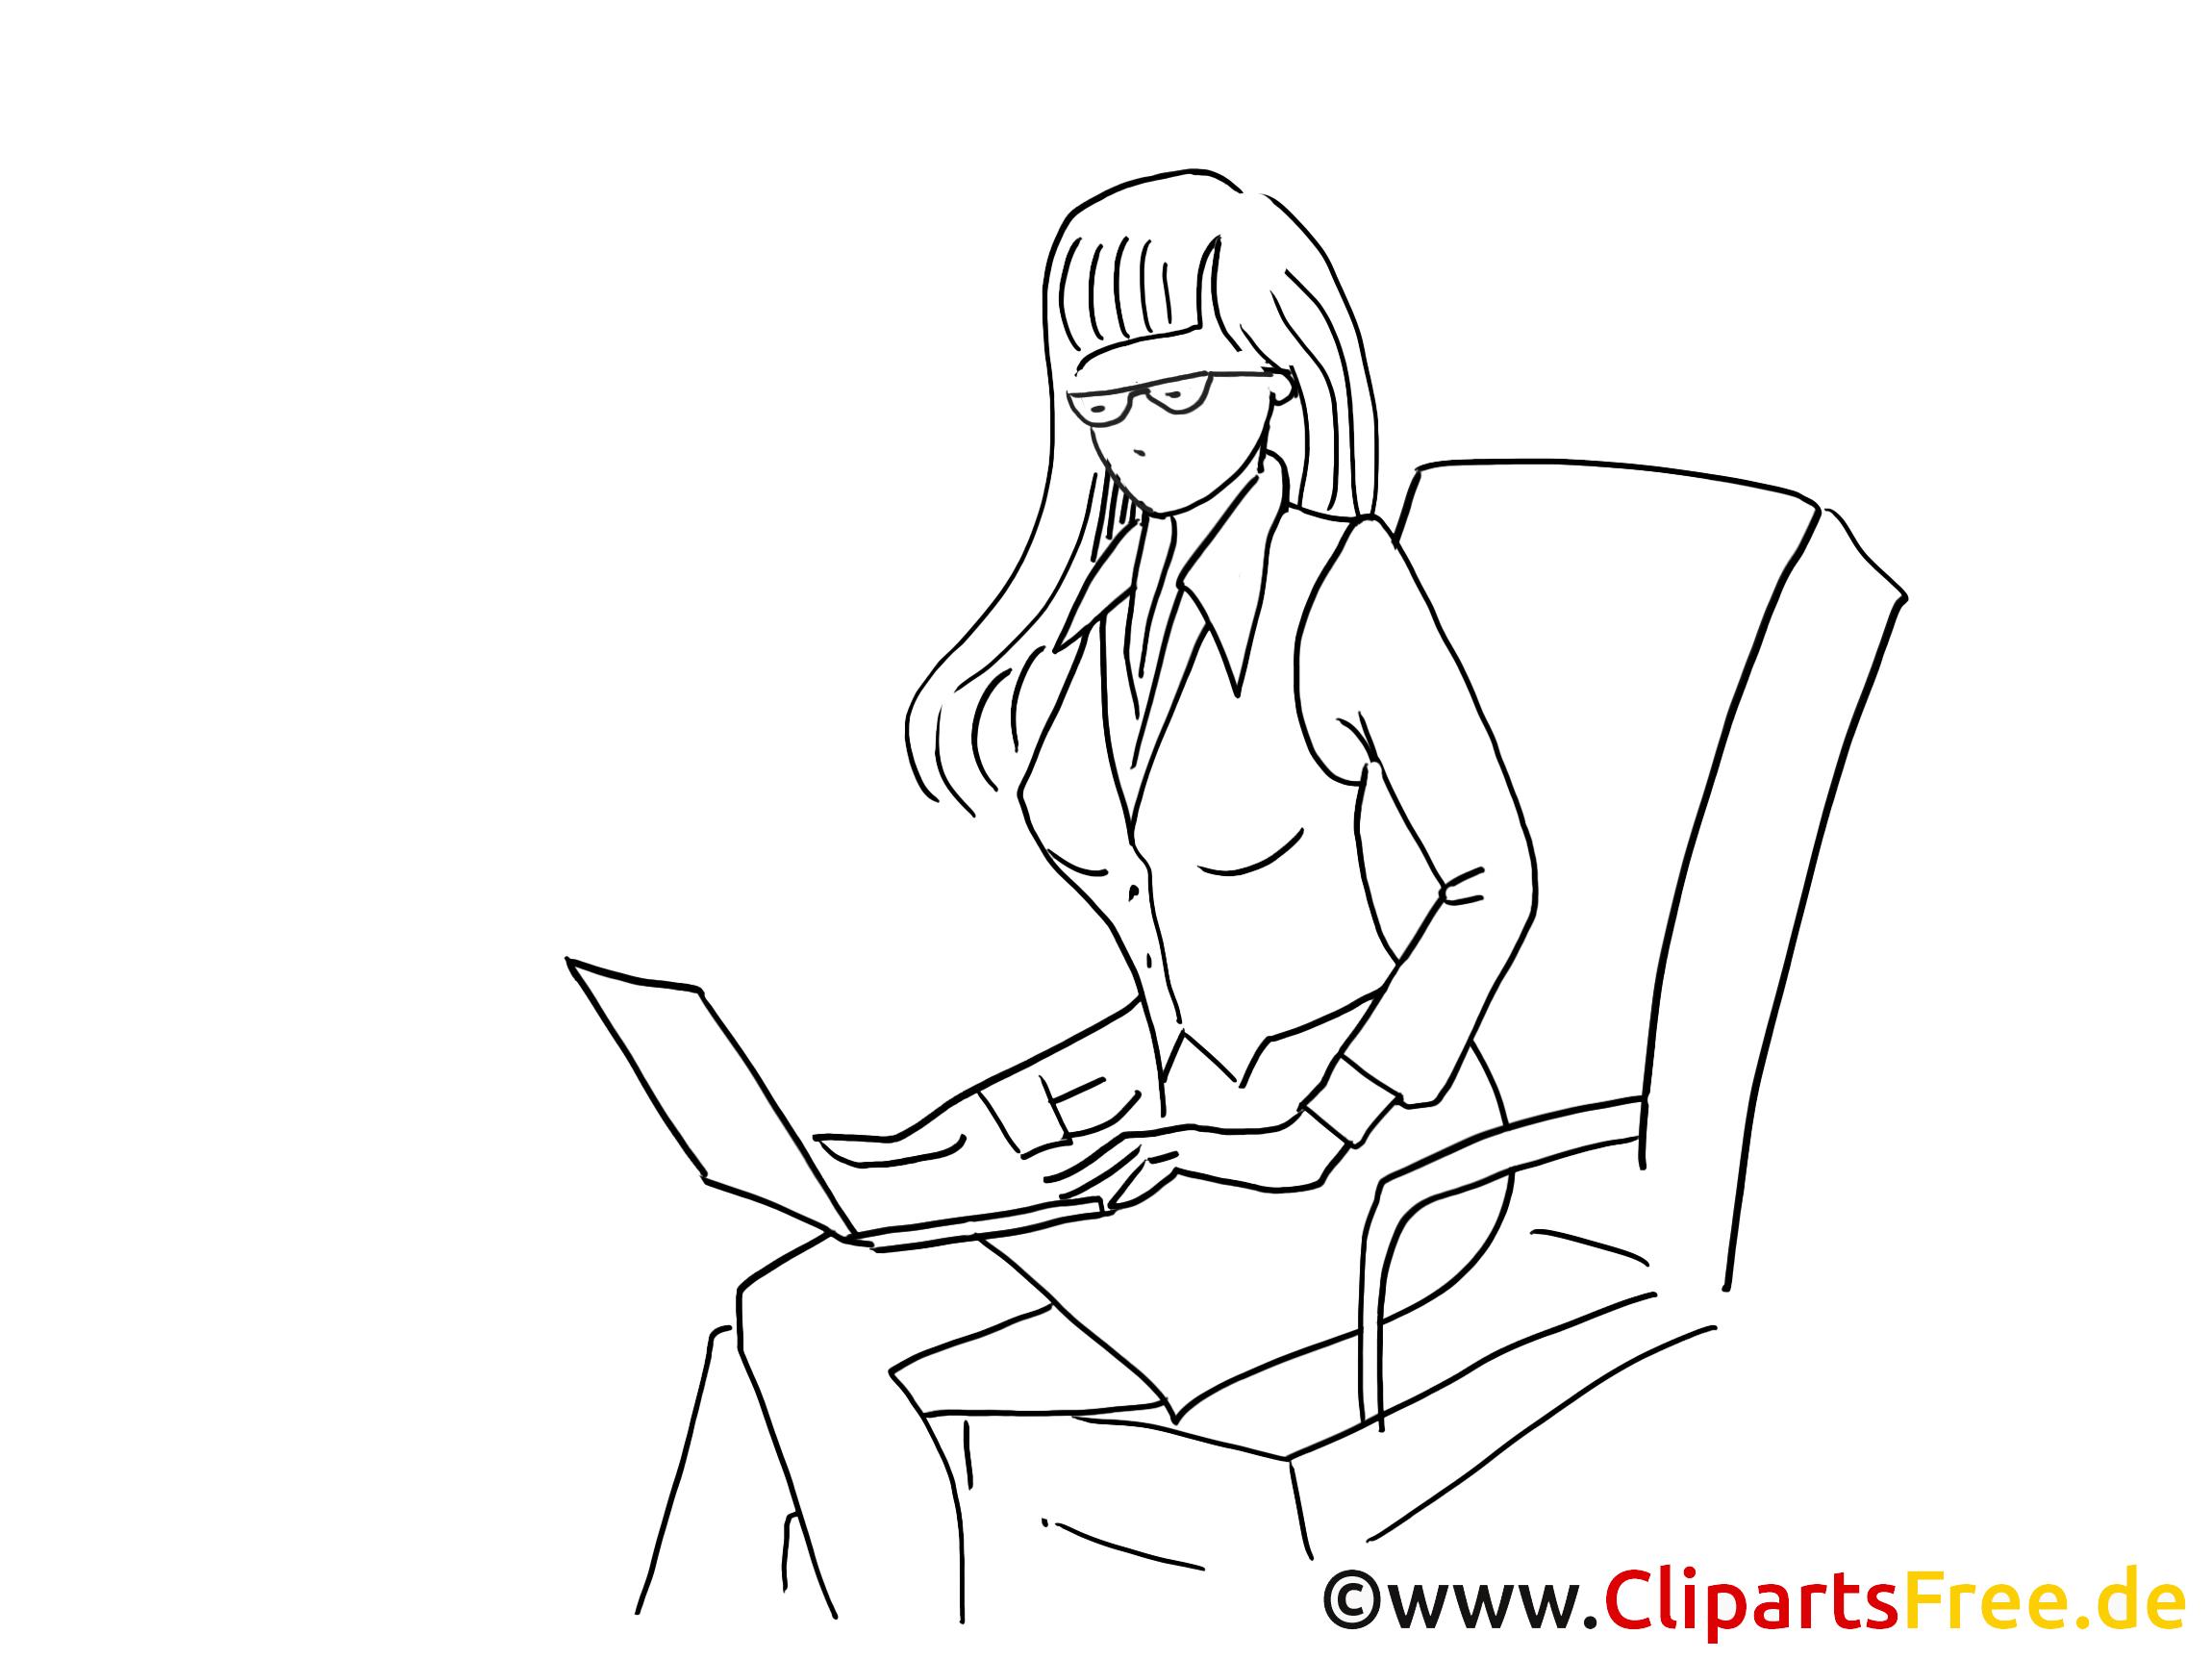 Schöne Frau am Arbeitsplatz Clipart schwarz-weiss